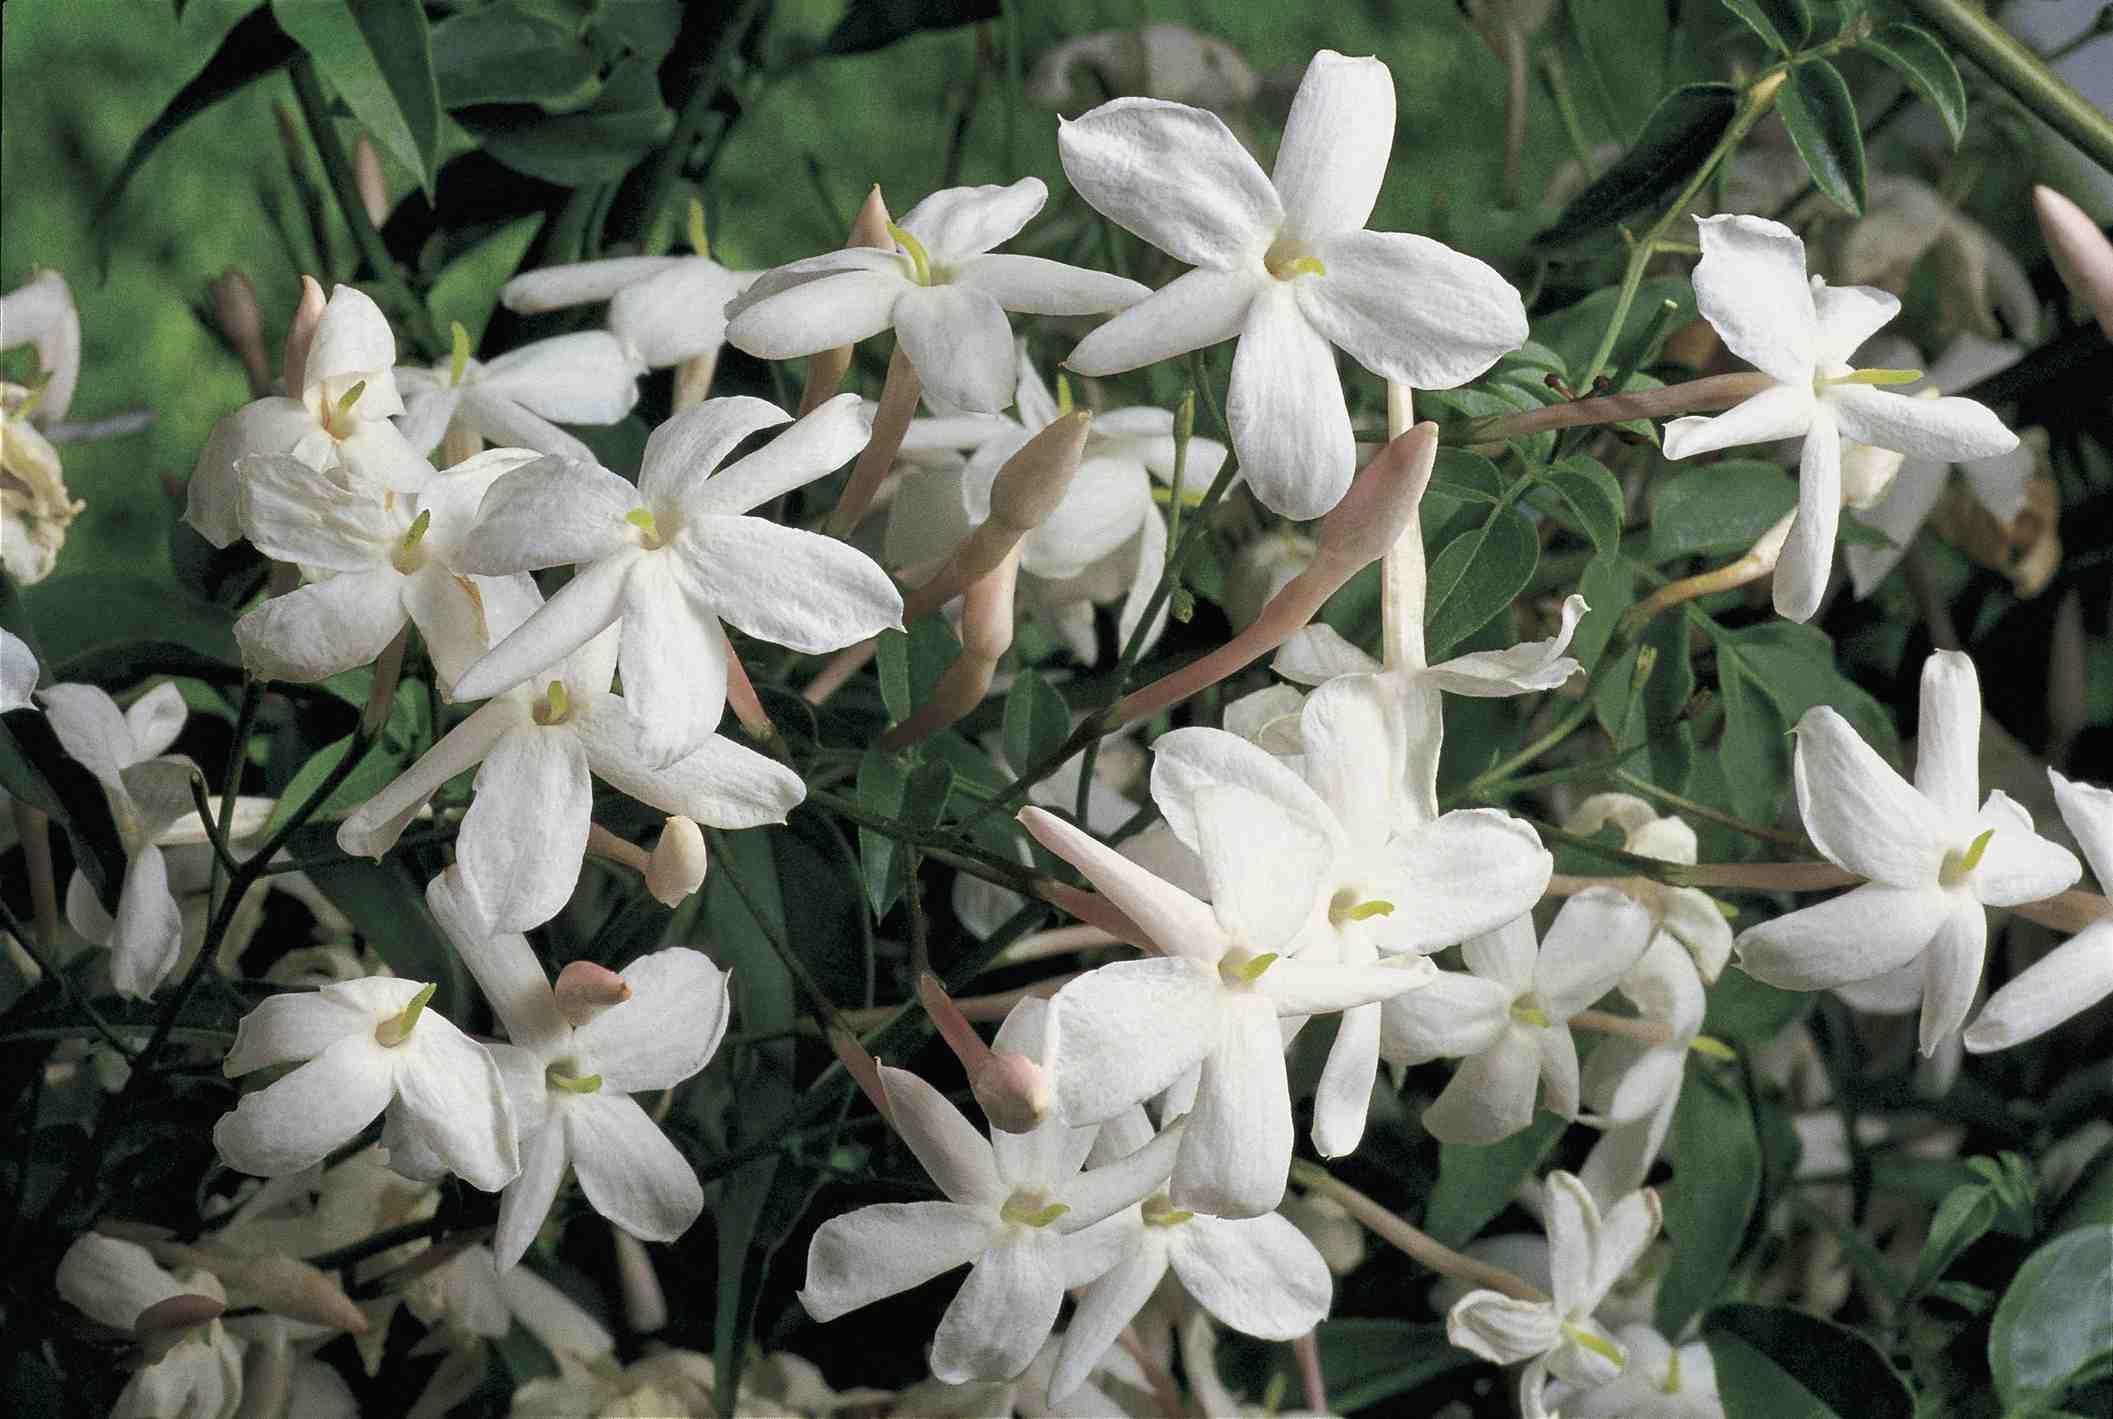 Jasmine (Jasmine officinale) flowers